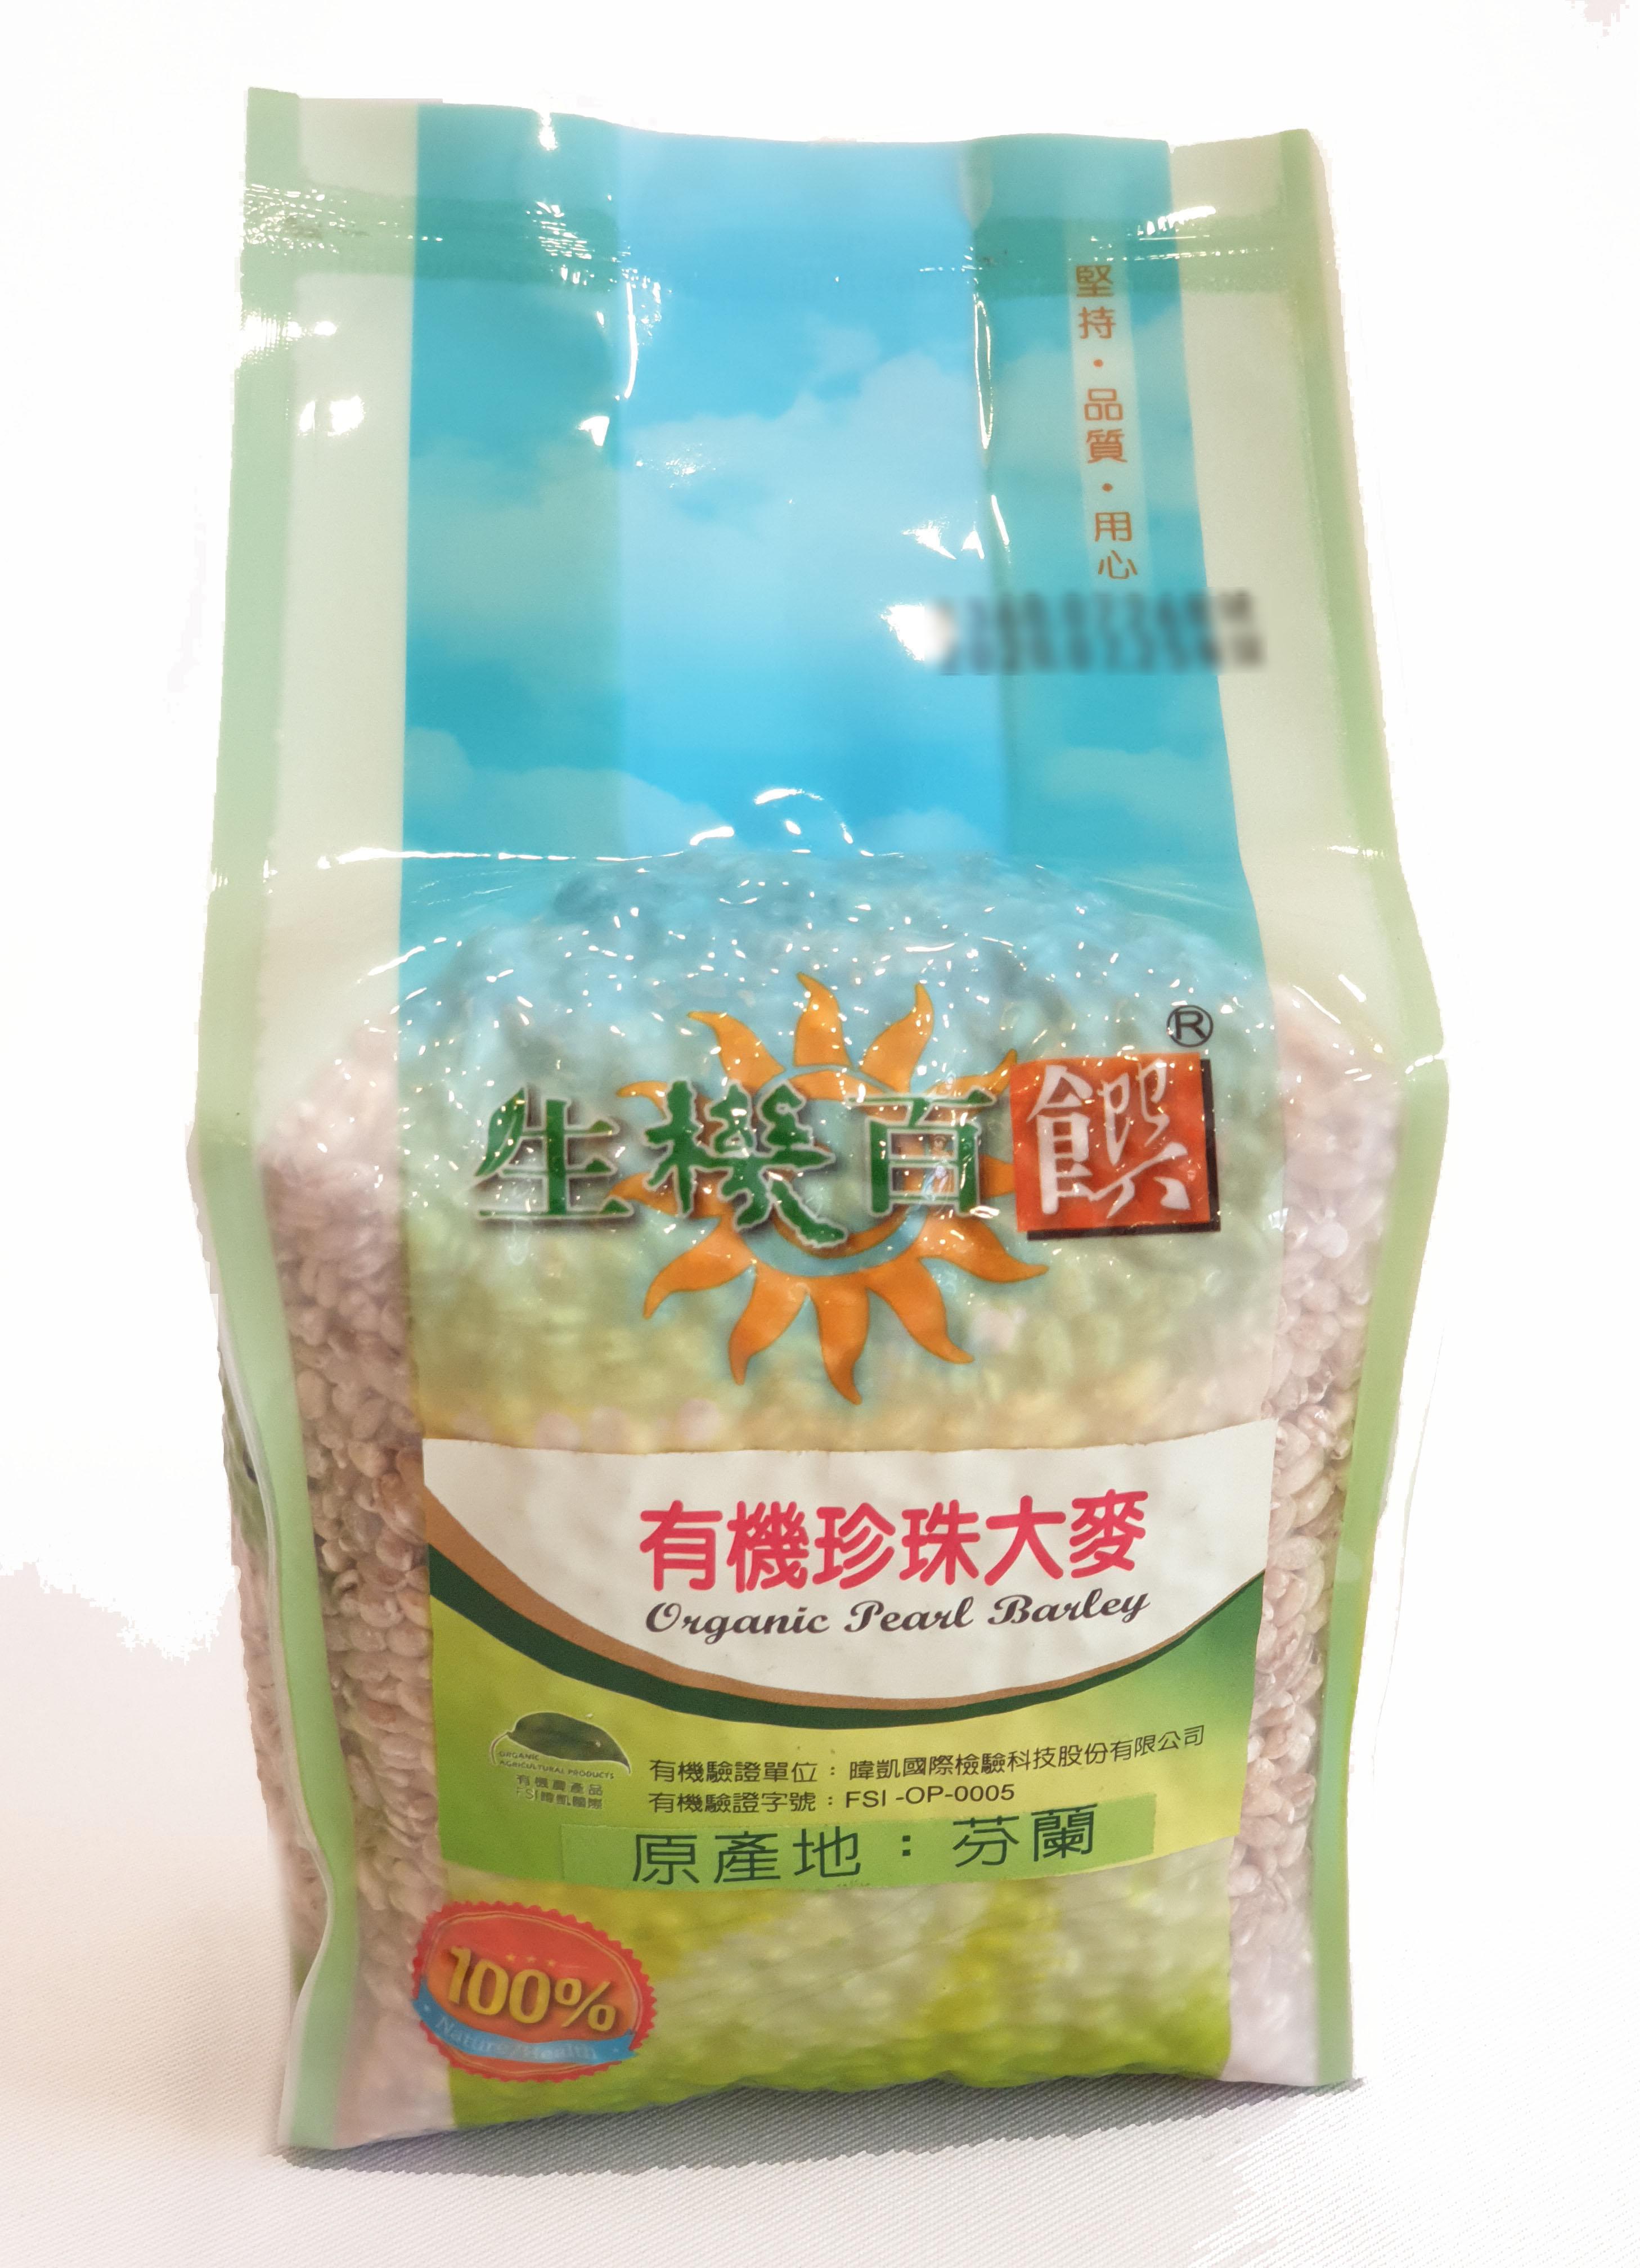 生機百饌 有機珍珠大麥(洋薏仁)  500公克/包 (產地芬蘭)